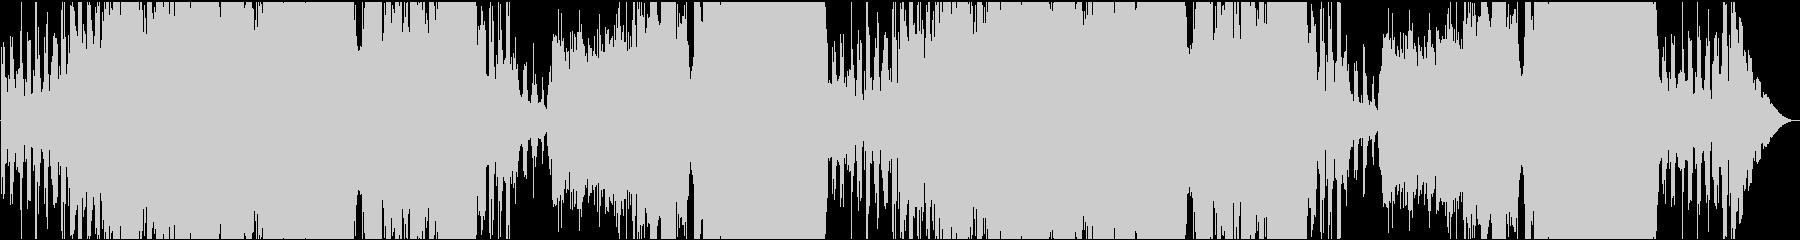 壮大なフィールドイメージのオーケストラの未再生の波形